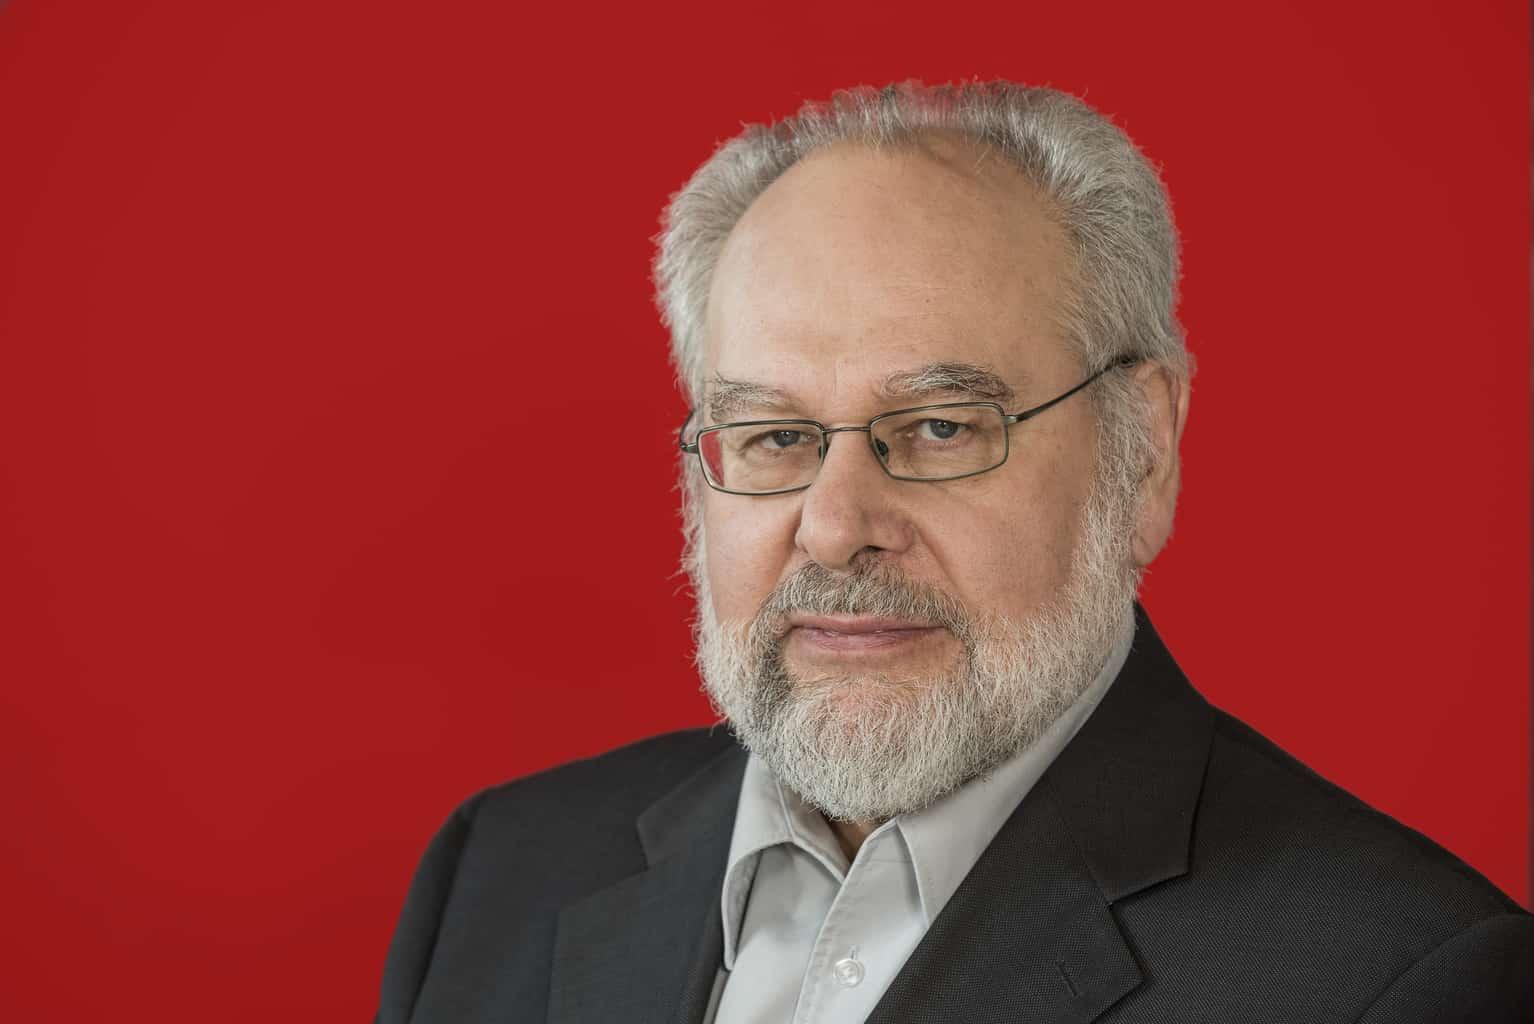 Manfred Krossa